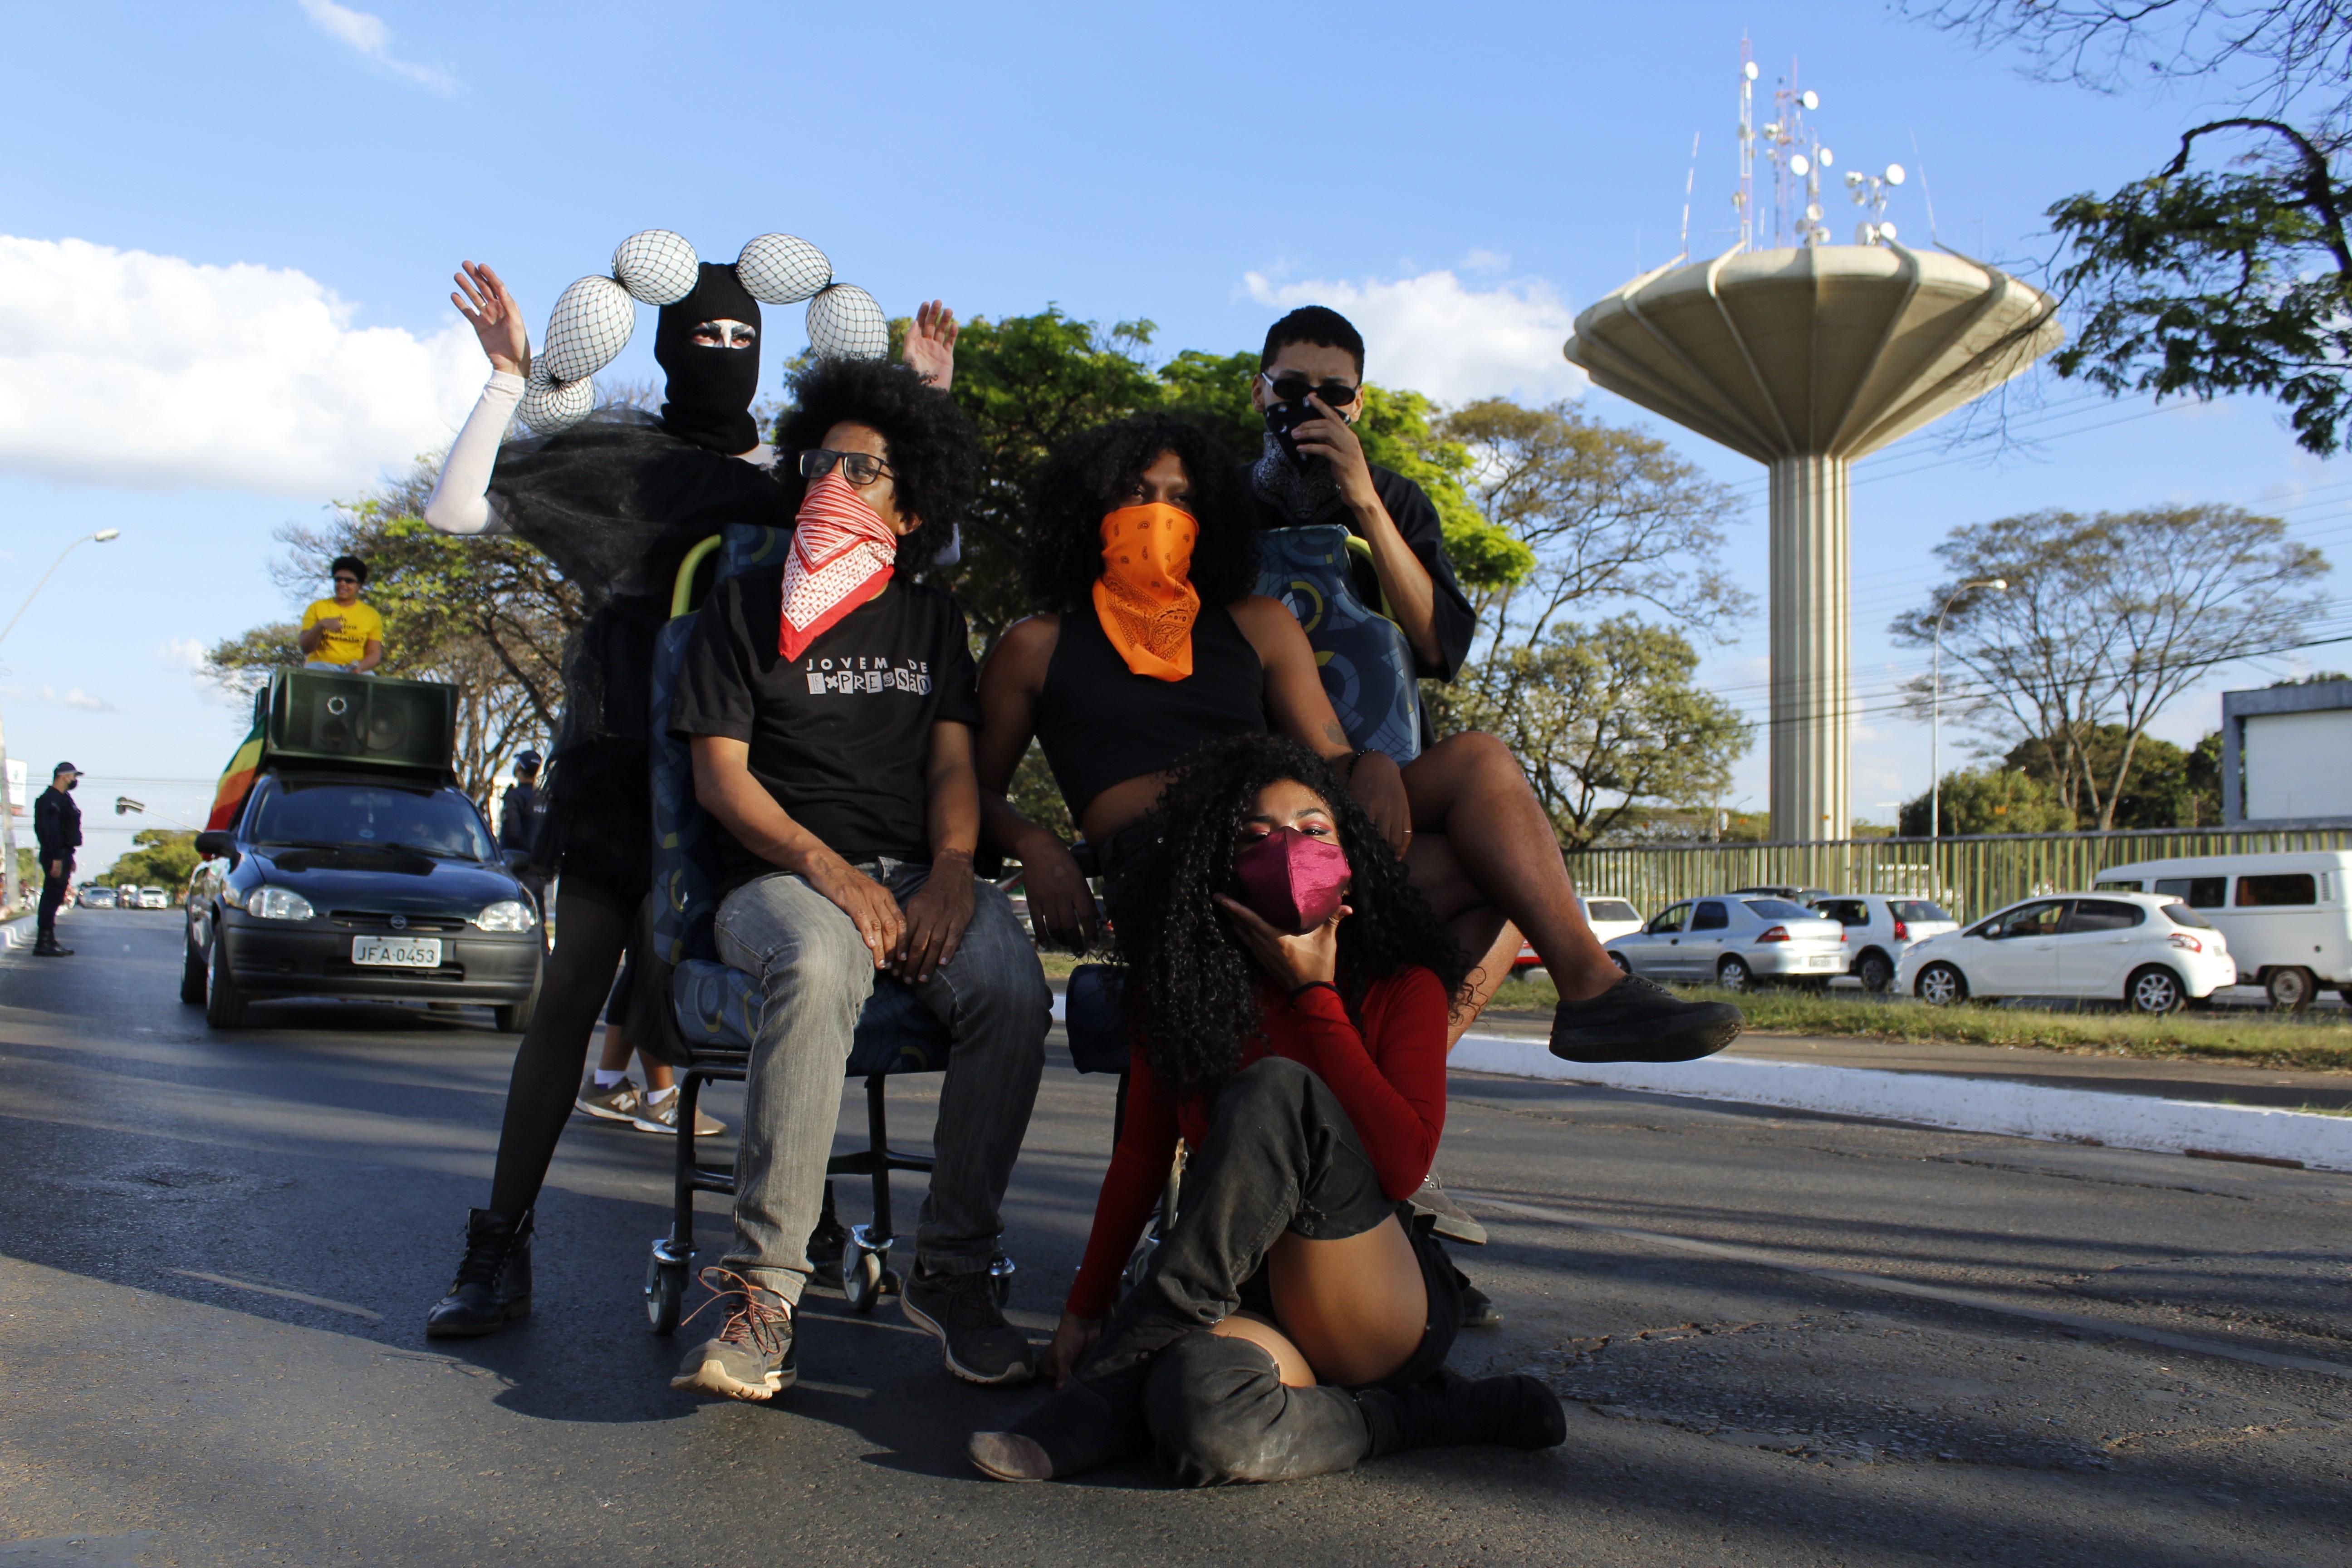 Artistas de Ceilândia, no DF, fazem ato em defesa das pessoas de baixa renda diante da pandemia